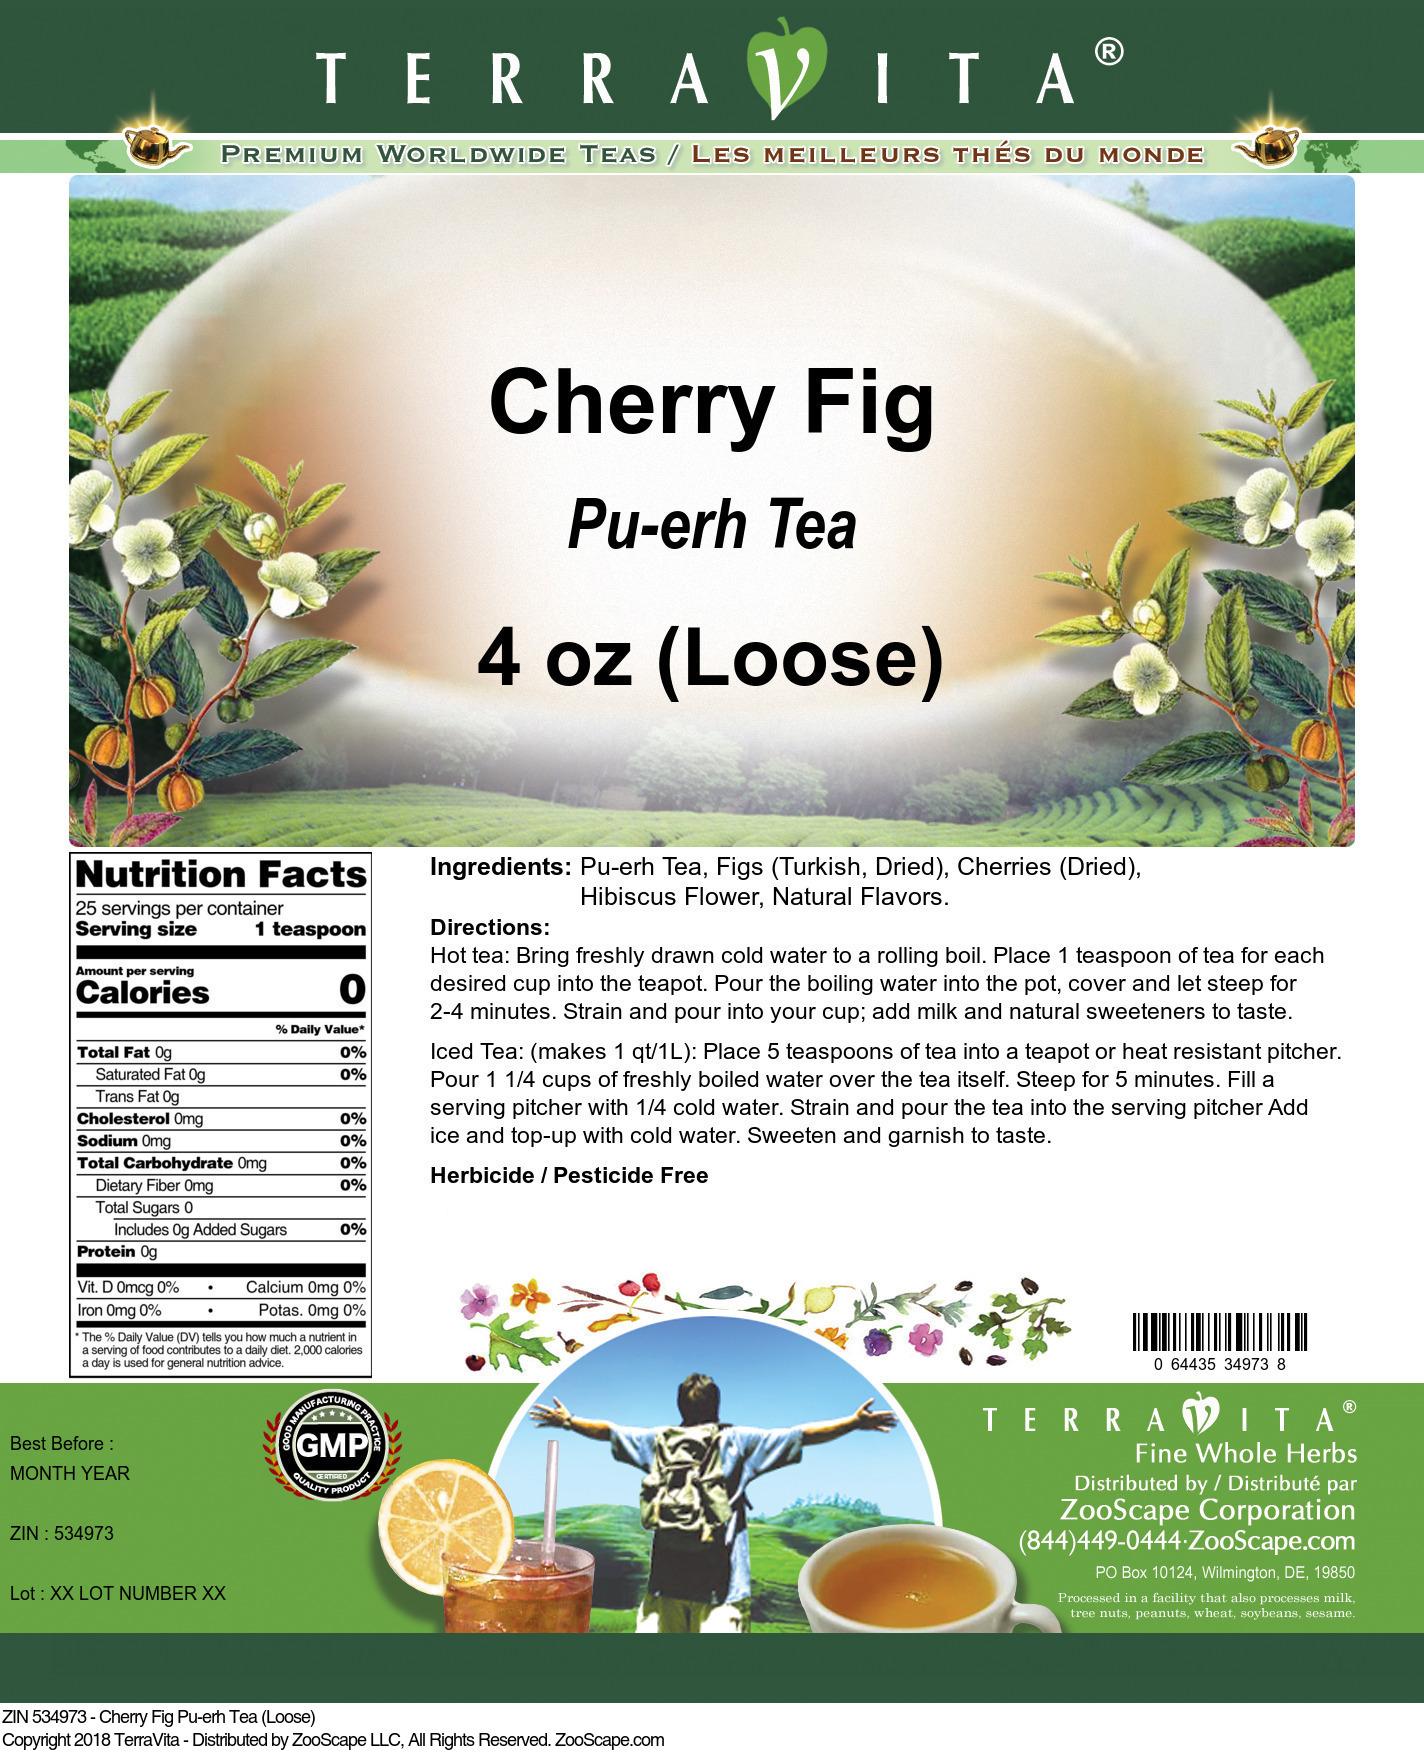 Cherry Fig Pu-erh Tea (Loose)